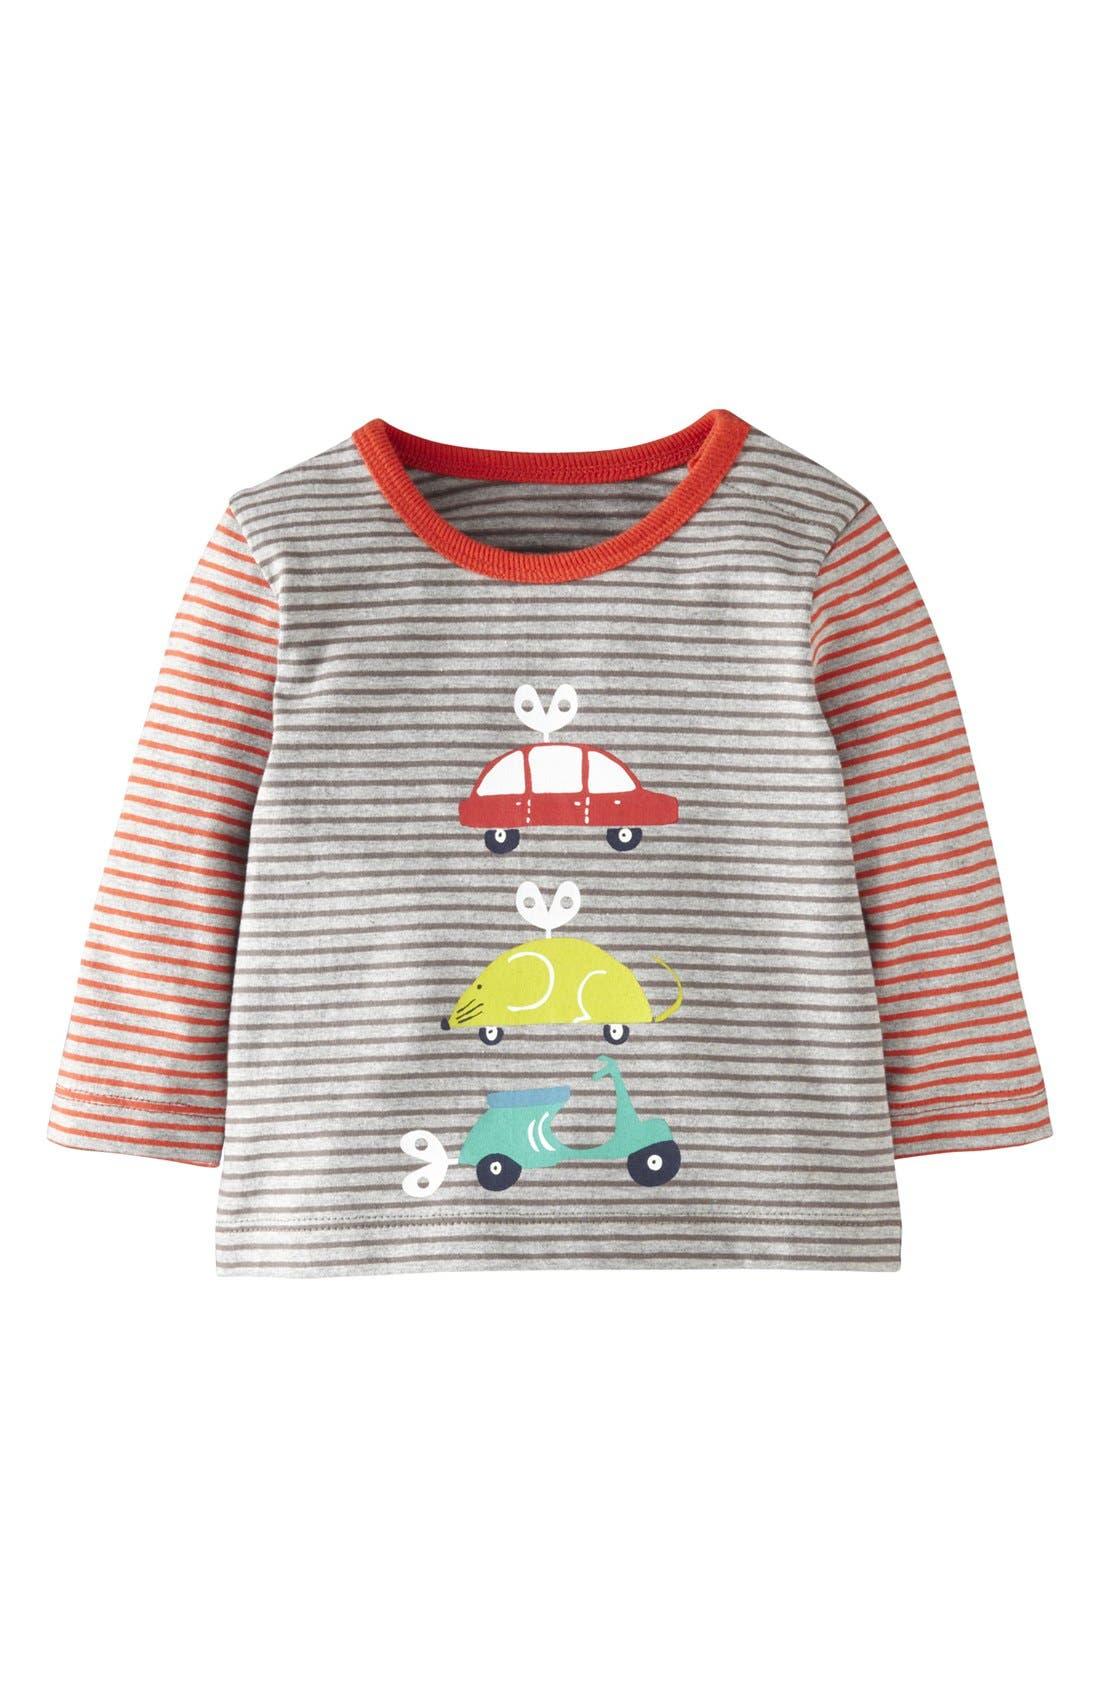 Alternate Image 1 Selected - Mini Boden Stripe Long Sleeve T-Shirt (Baby Boys)